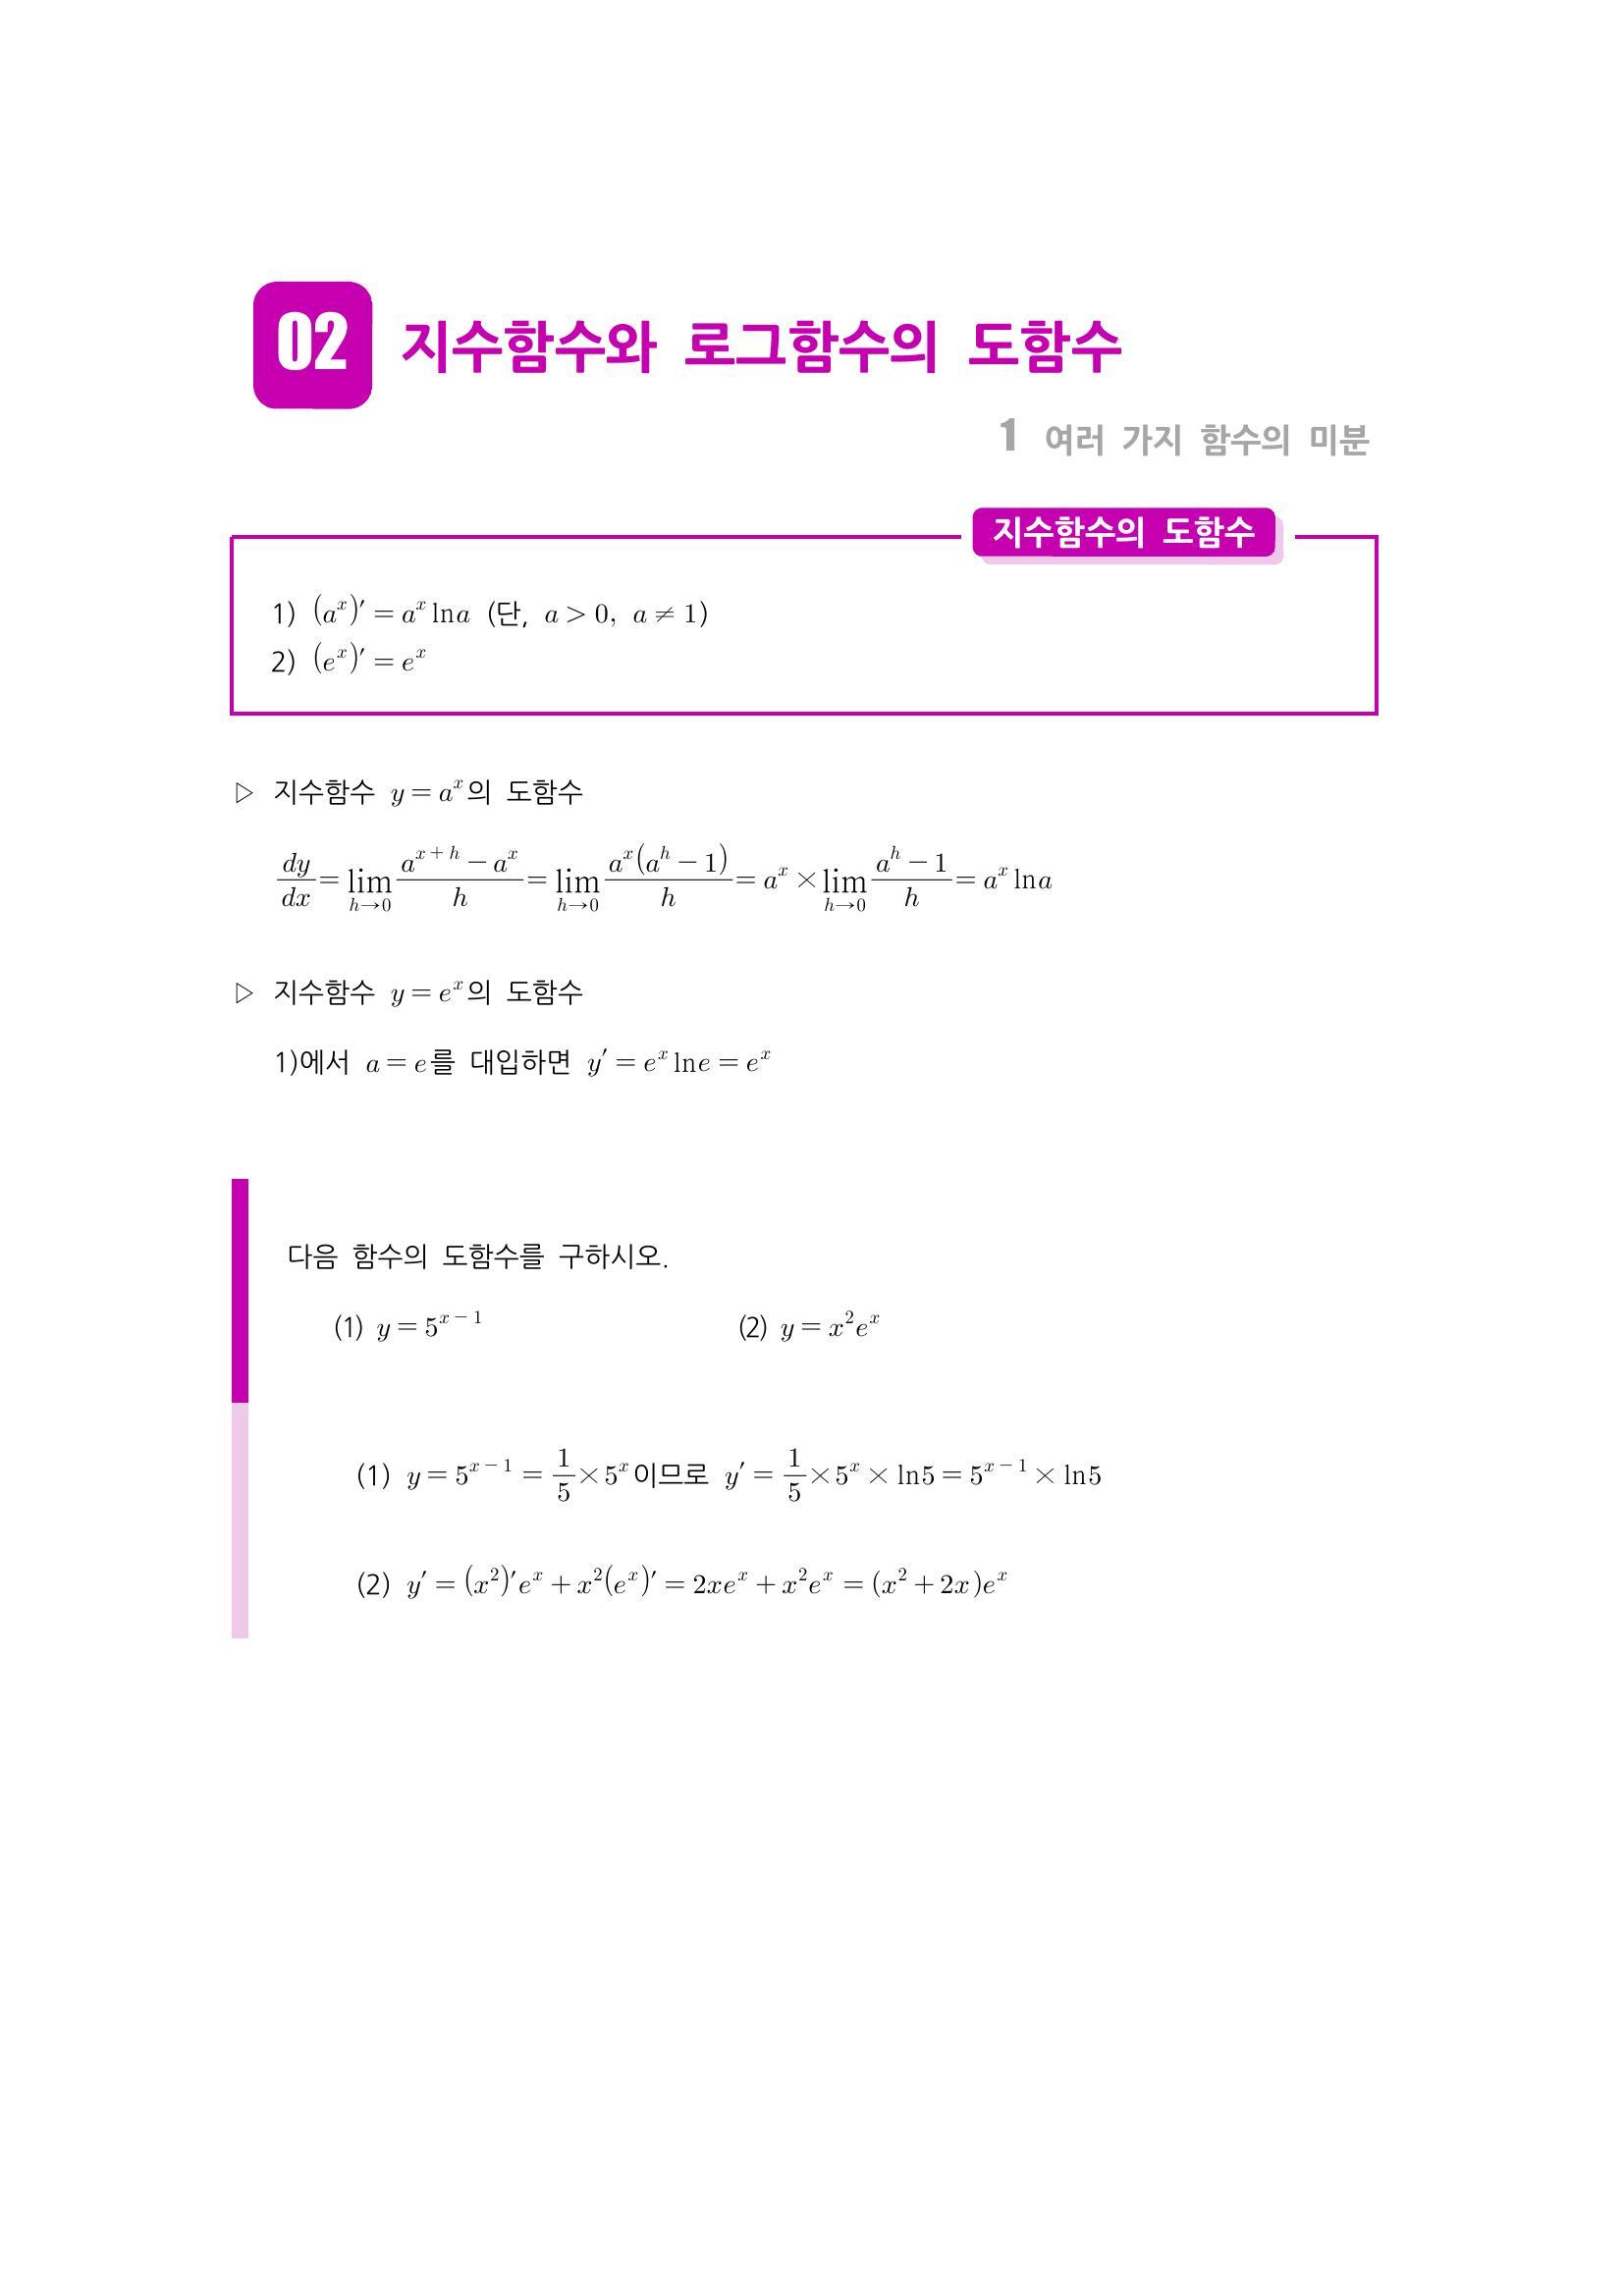 수학 개념 정리/공식 : 지수함수의 도함수, 로그함수의 도함수